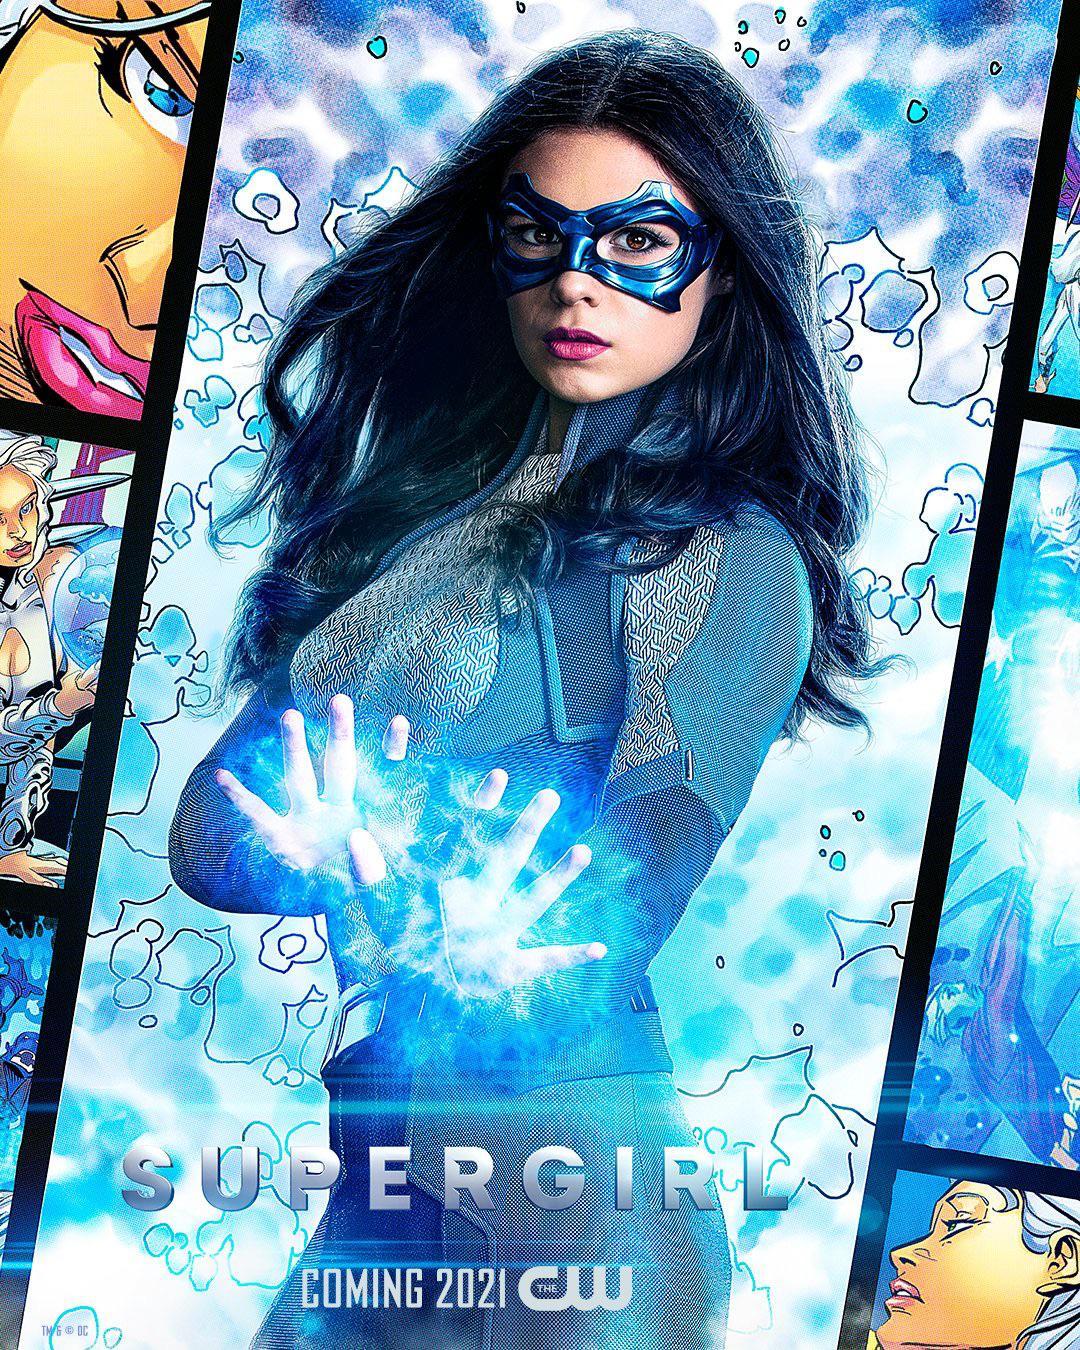 Supergirl - Season 6 (2021)